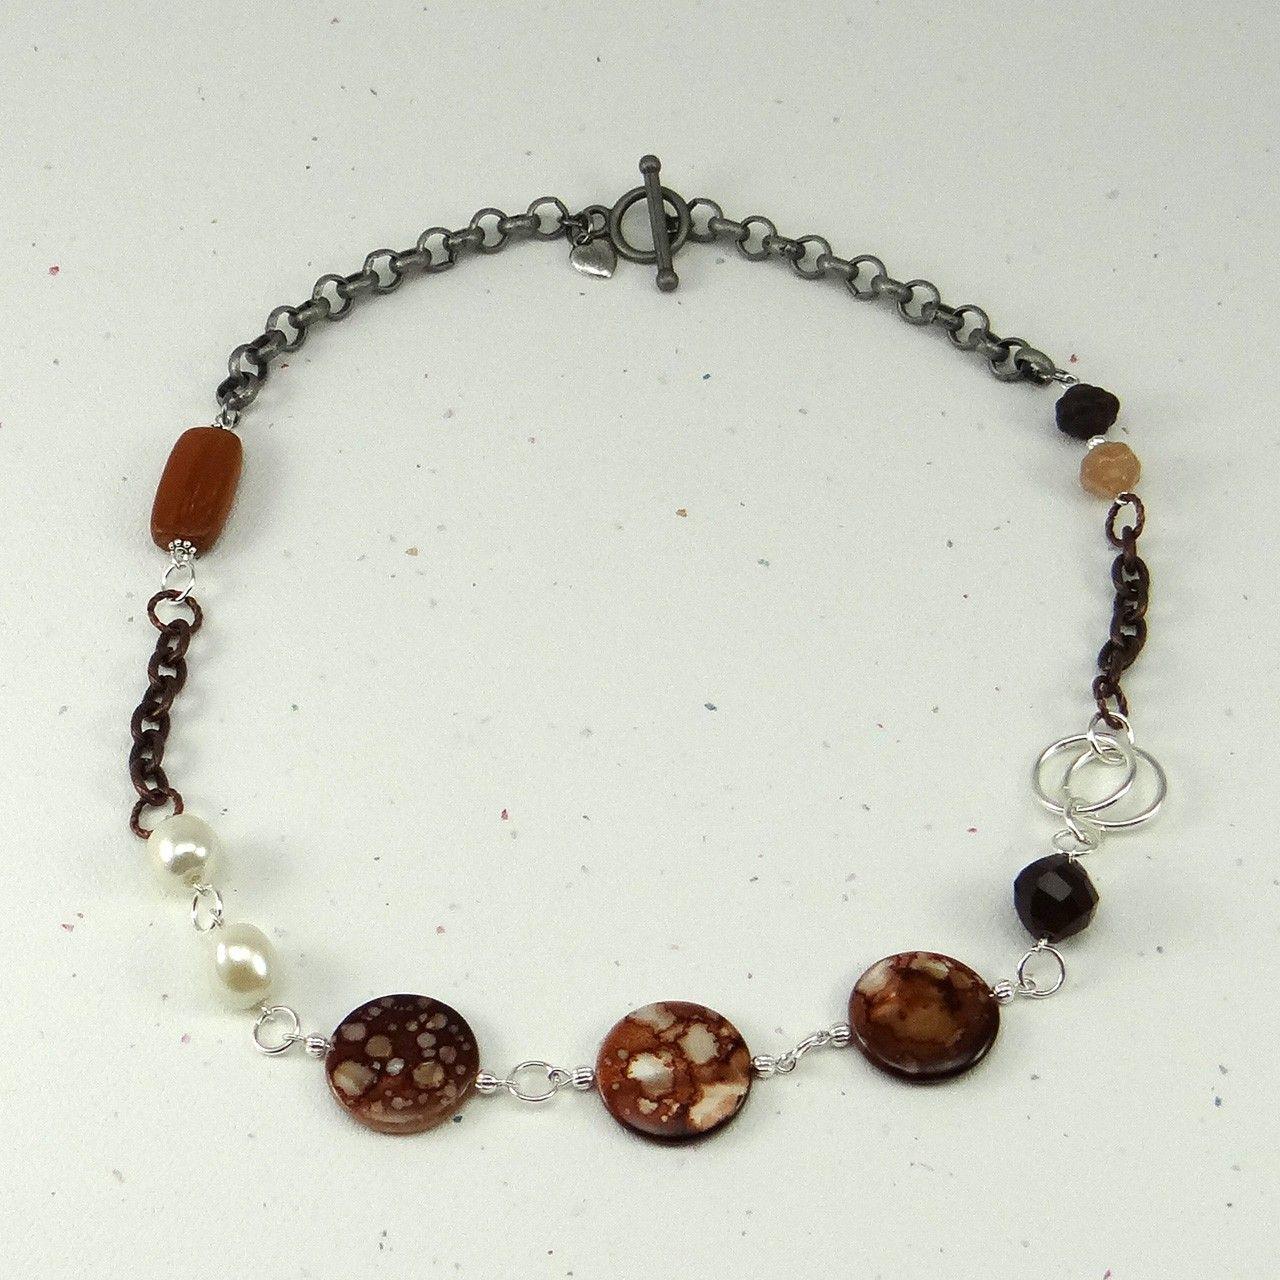 cavossa designs - Coffee Break Necklace, $28.00 (http://www.cavossadesigns.com/coffee-break-necklace/)